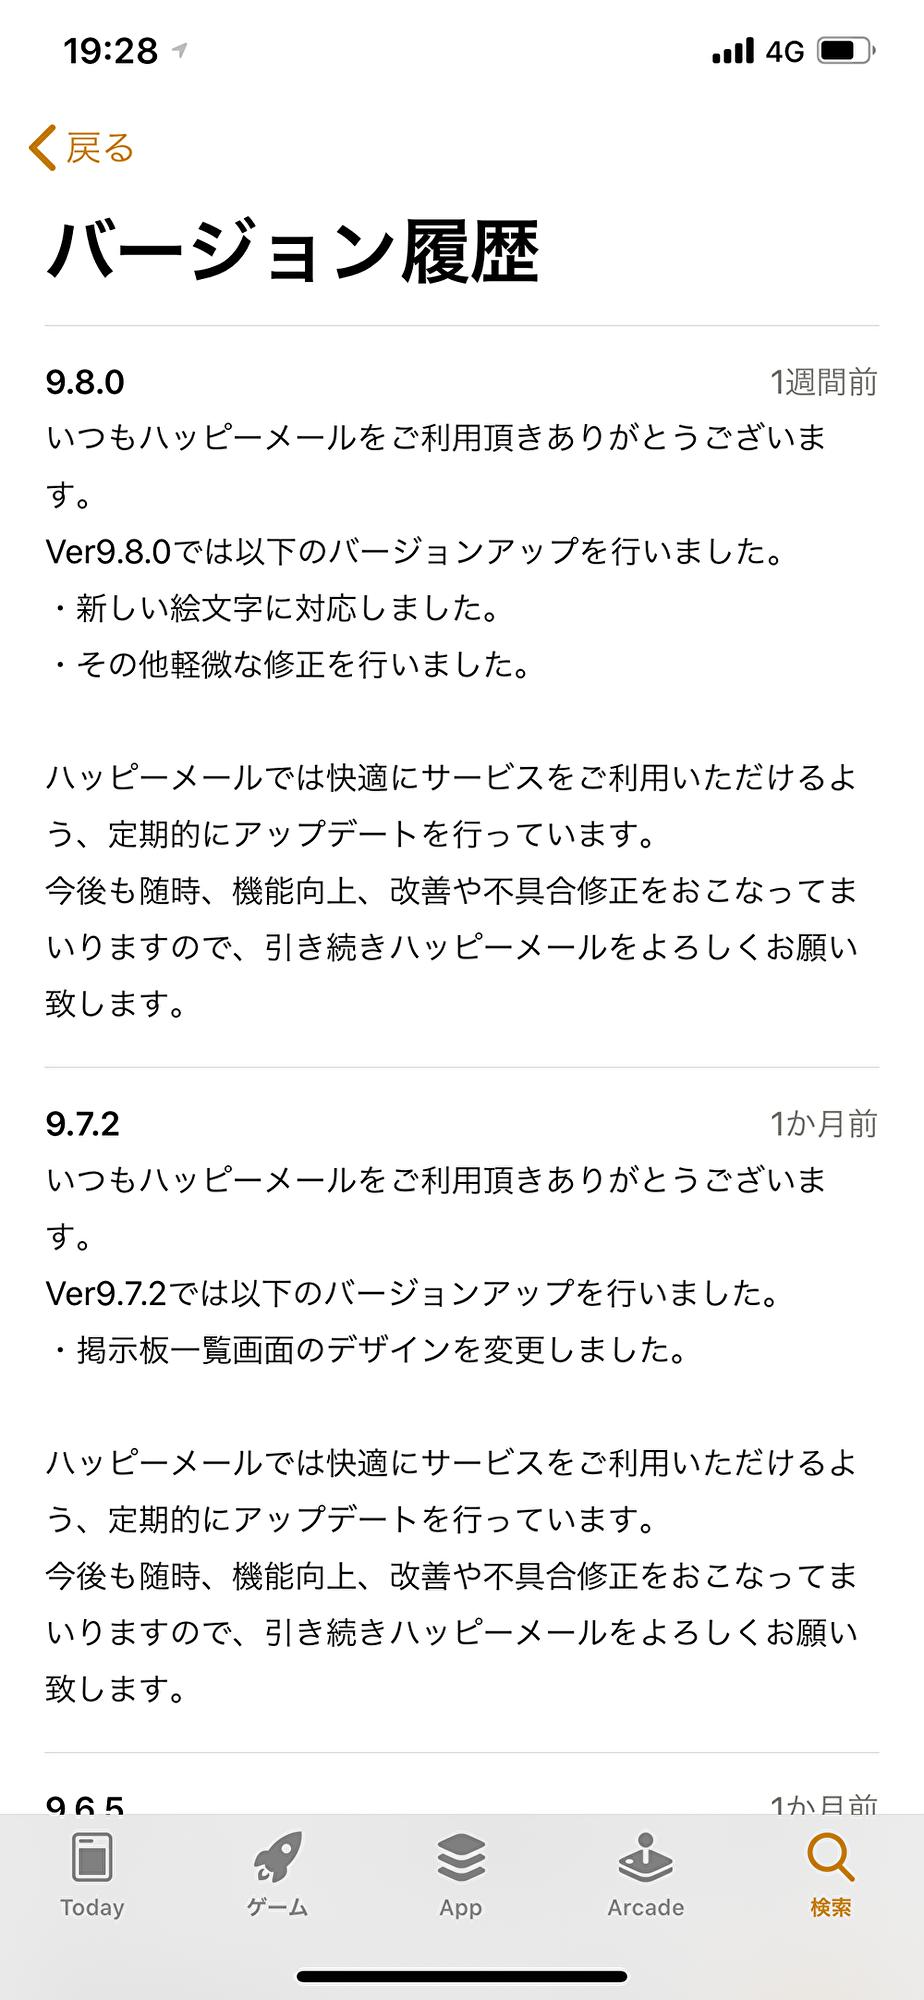 ハッピーメール ハッピーメールアプリの更新情報